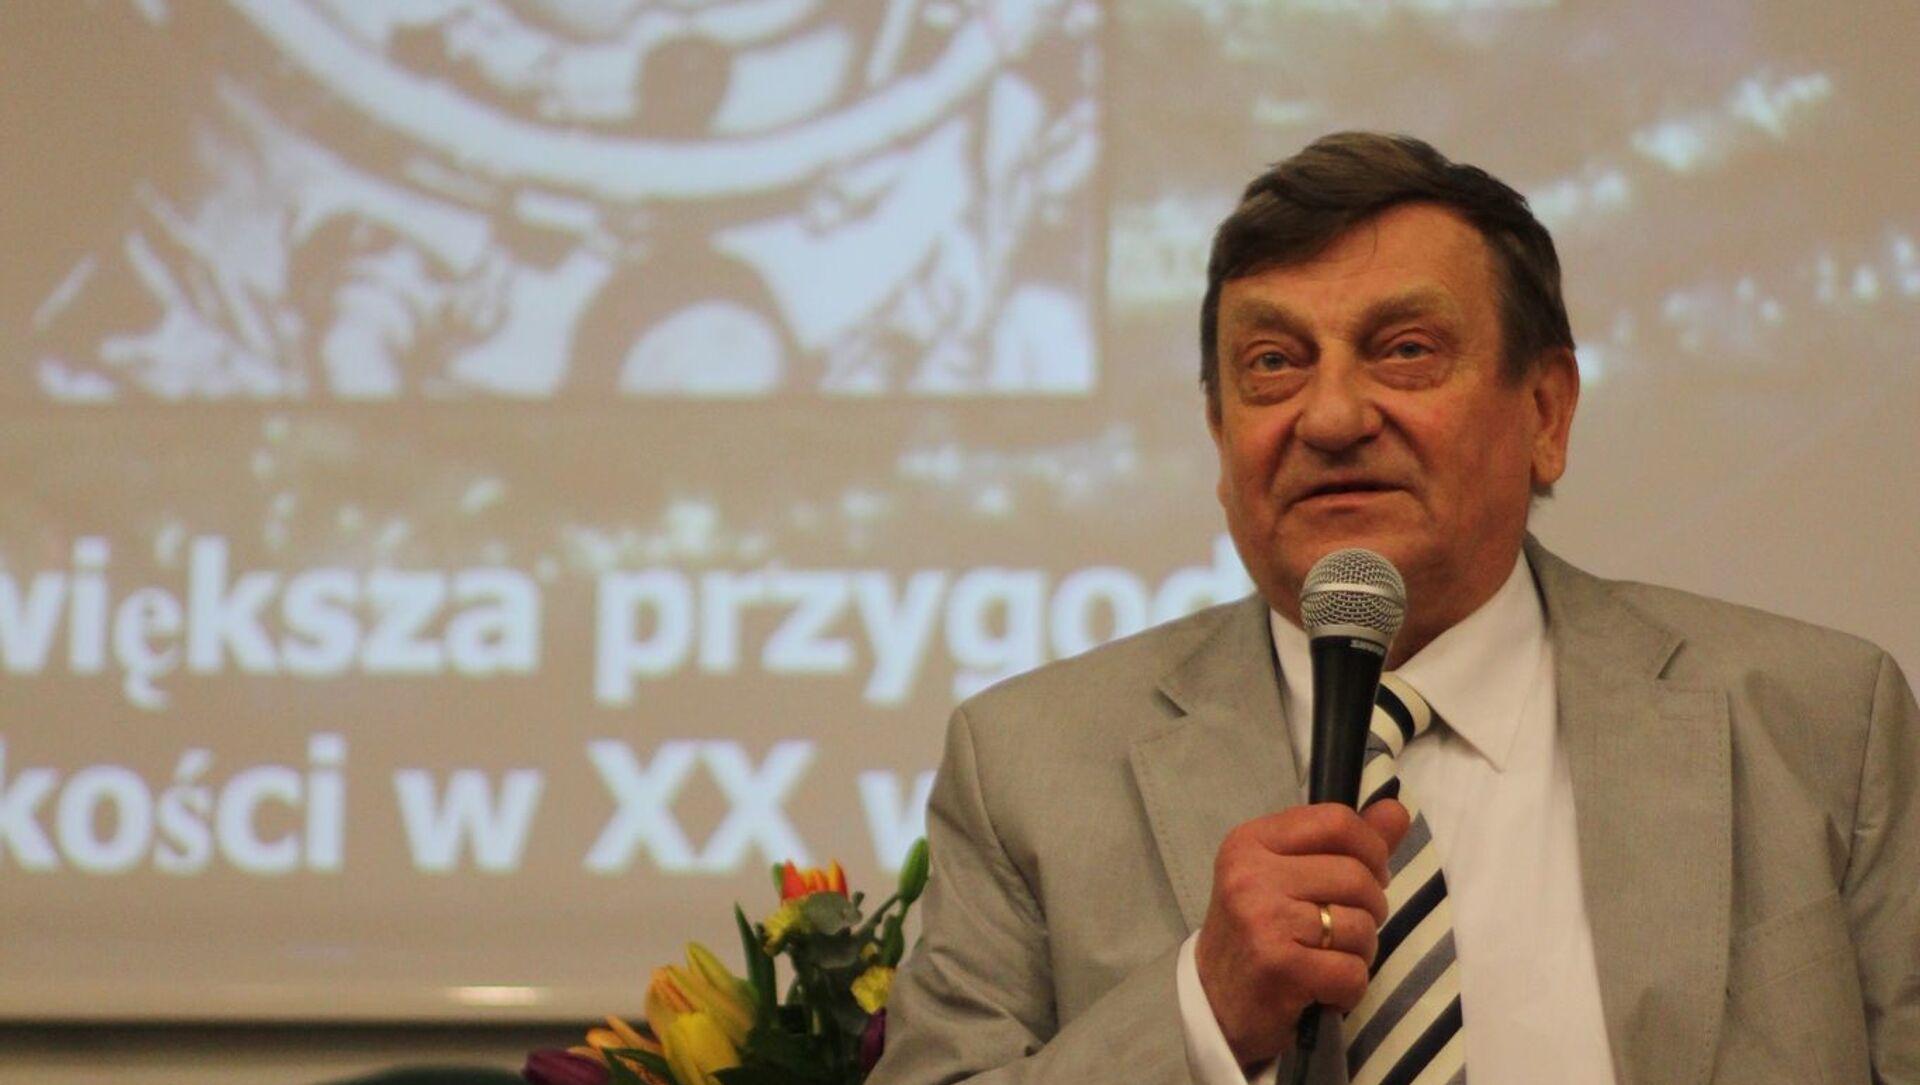 Kosmonauta Mirosław Hermaszewski zabiera głos podczas wydarzenia CKJR w Krakowie - Sputnik Polska, 1920, 01.03.2021